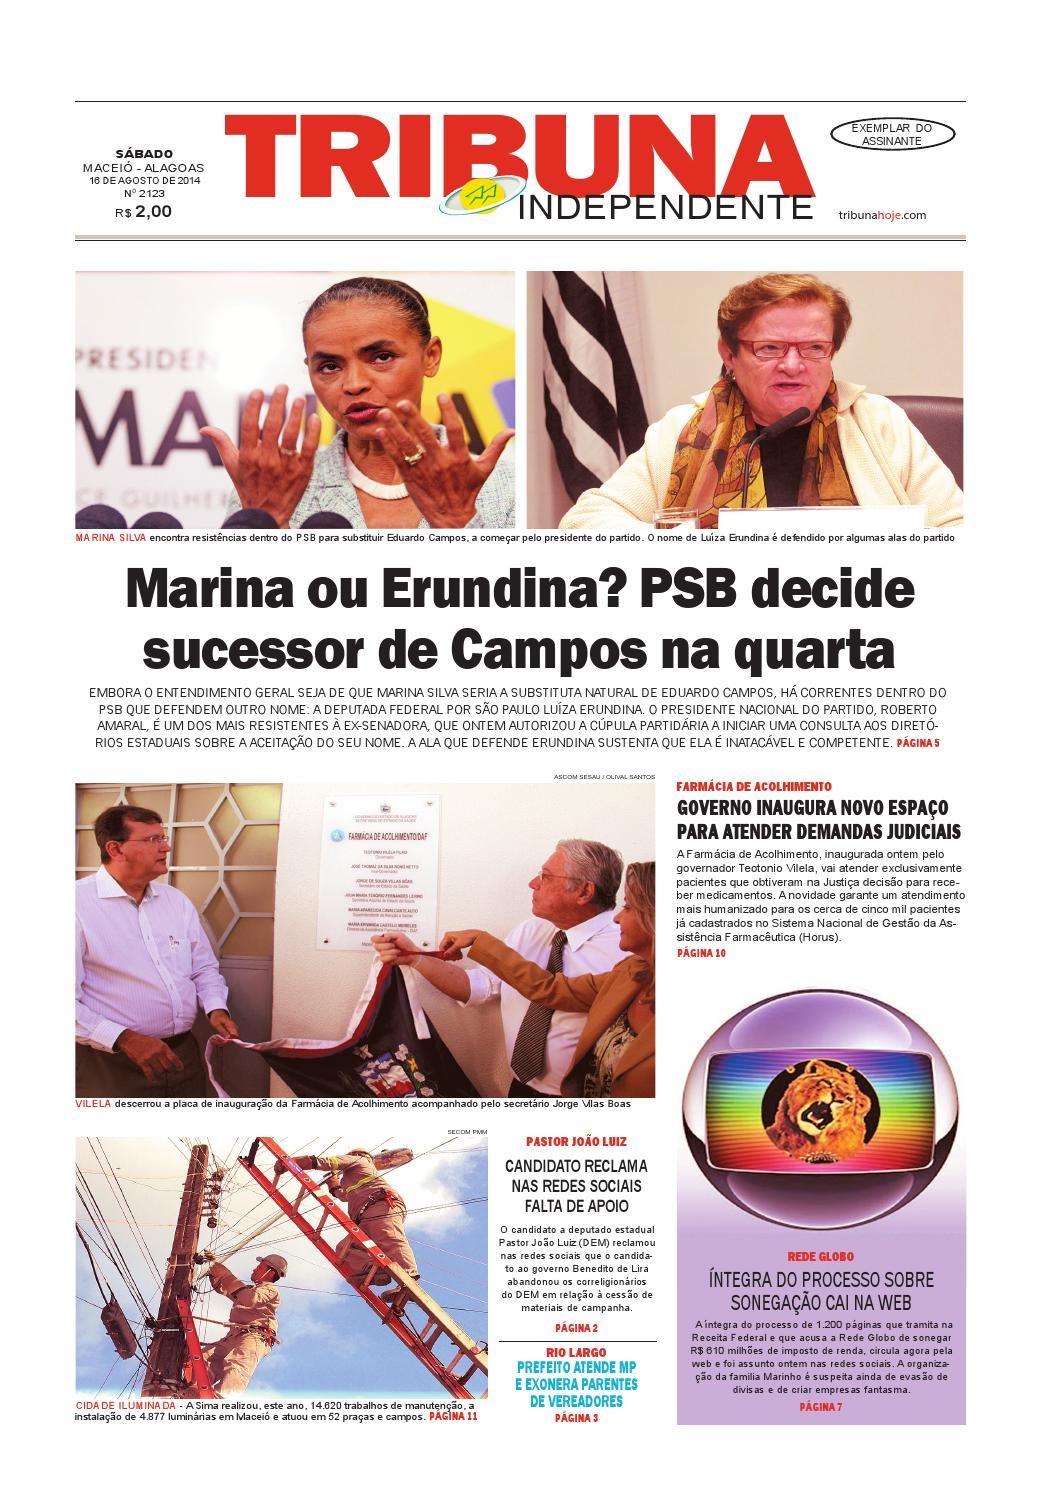 e8701ff78 Edição número 2123 - 16 de agosto de 2014 by Tribuna Hoje - issuu